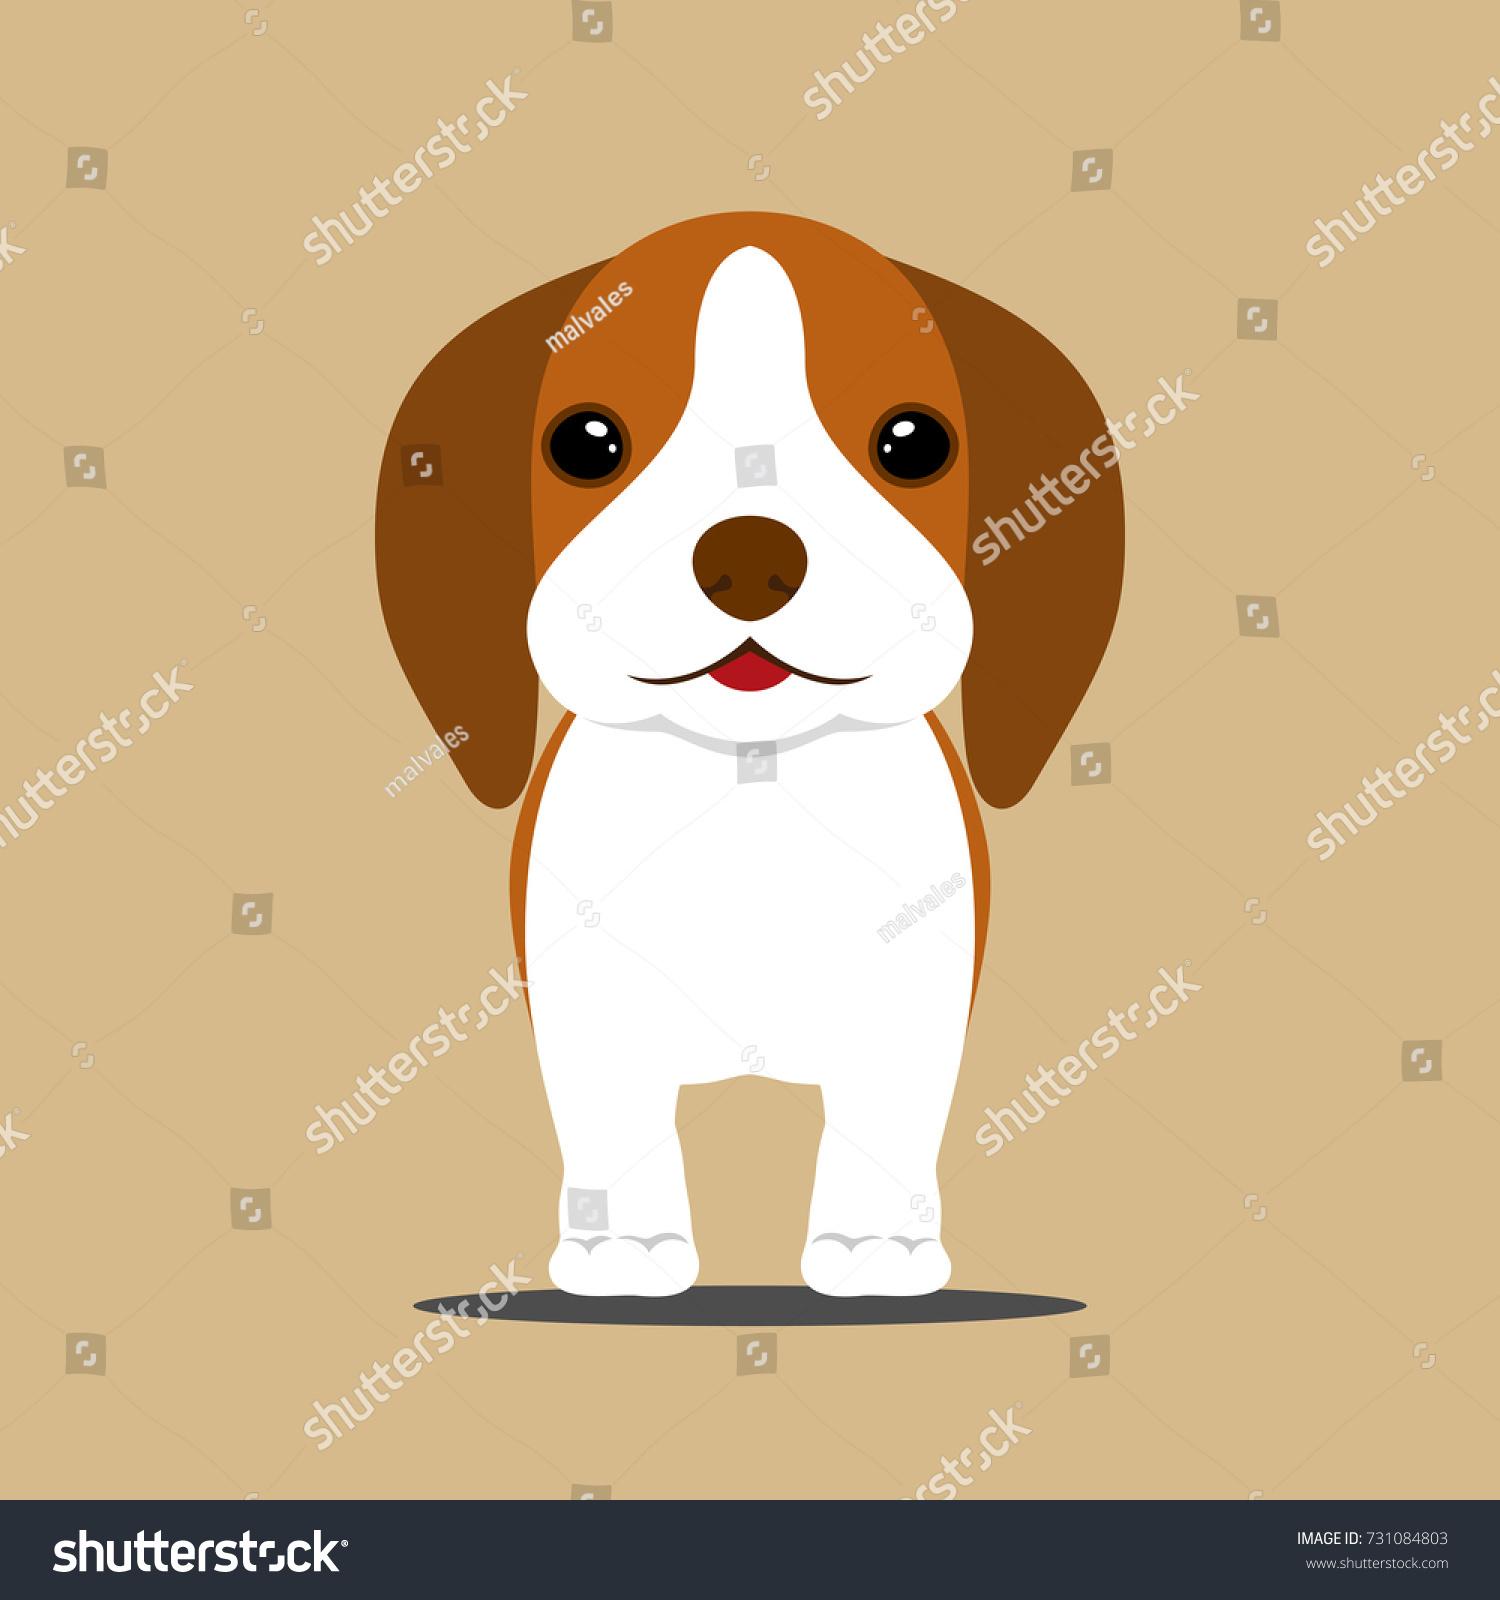 Vector De Stock Libre De Regalias Sobre Cute Young Brown Beagle Puppy Dog731084803